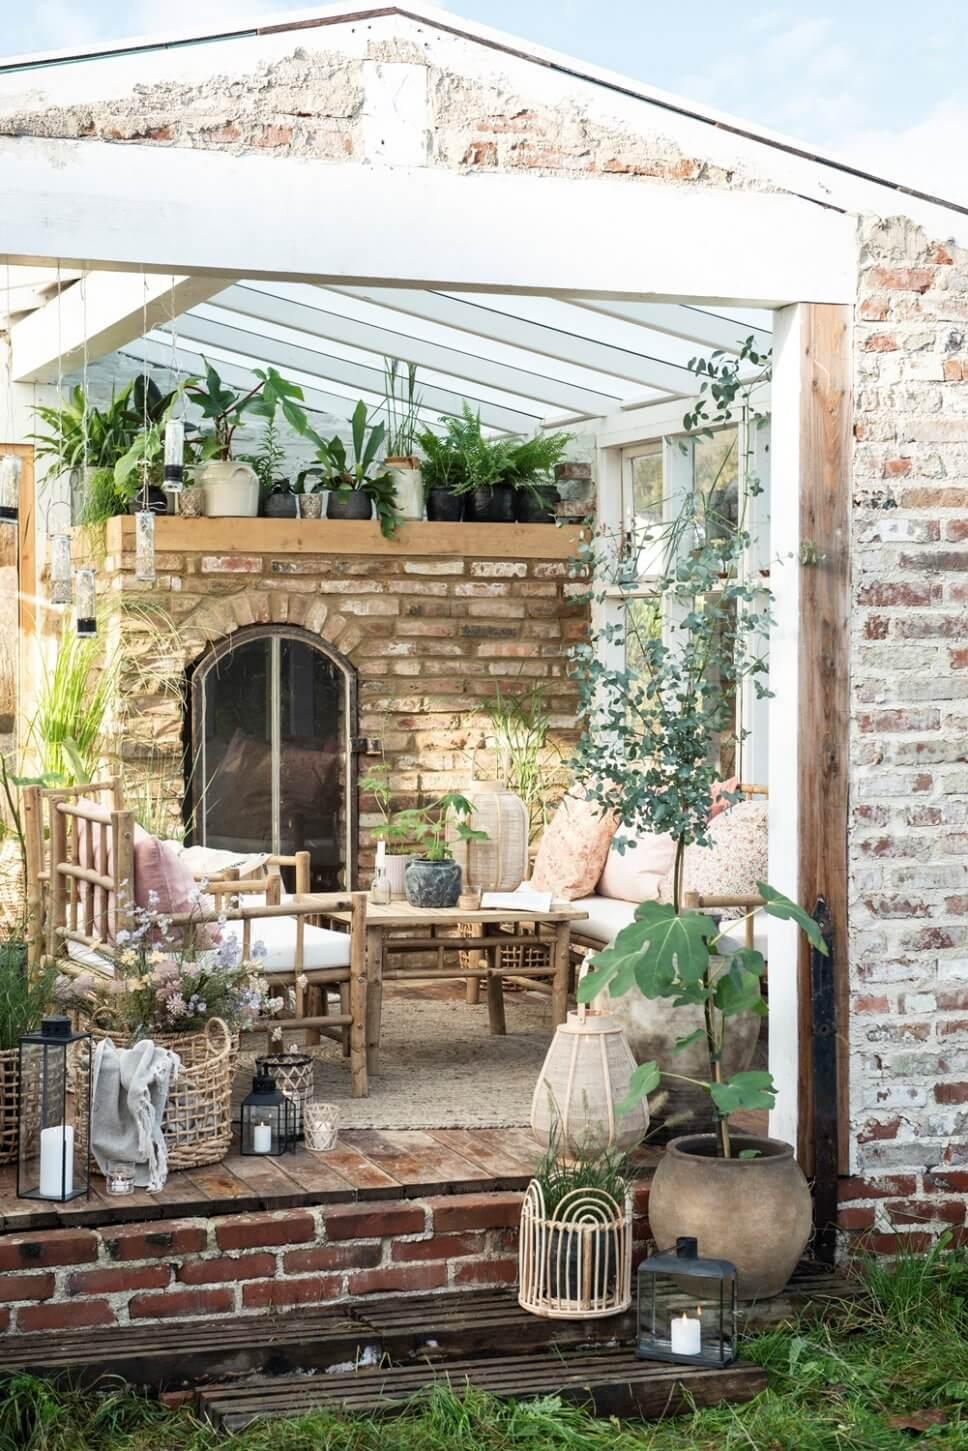 Gemütlich mit Bambusmöbeln und vielen Zimmerpflanzen eingerichtetes Gartenzimmer in Skandinavien